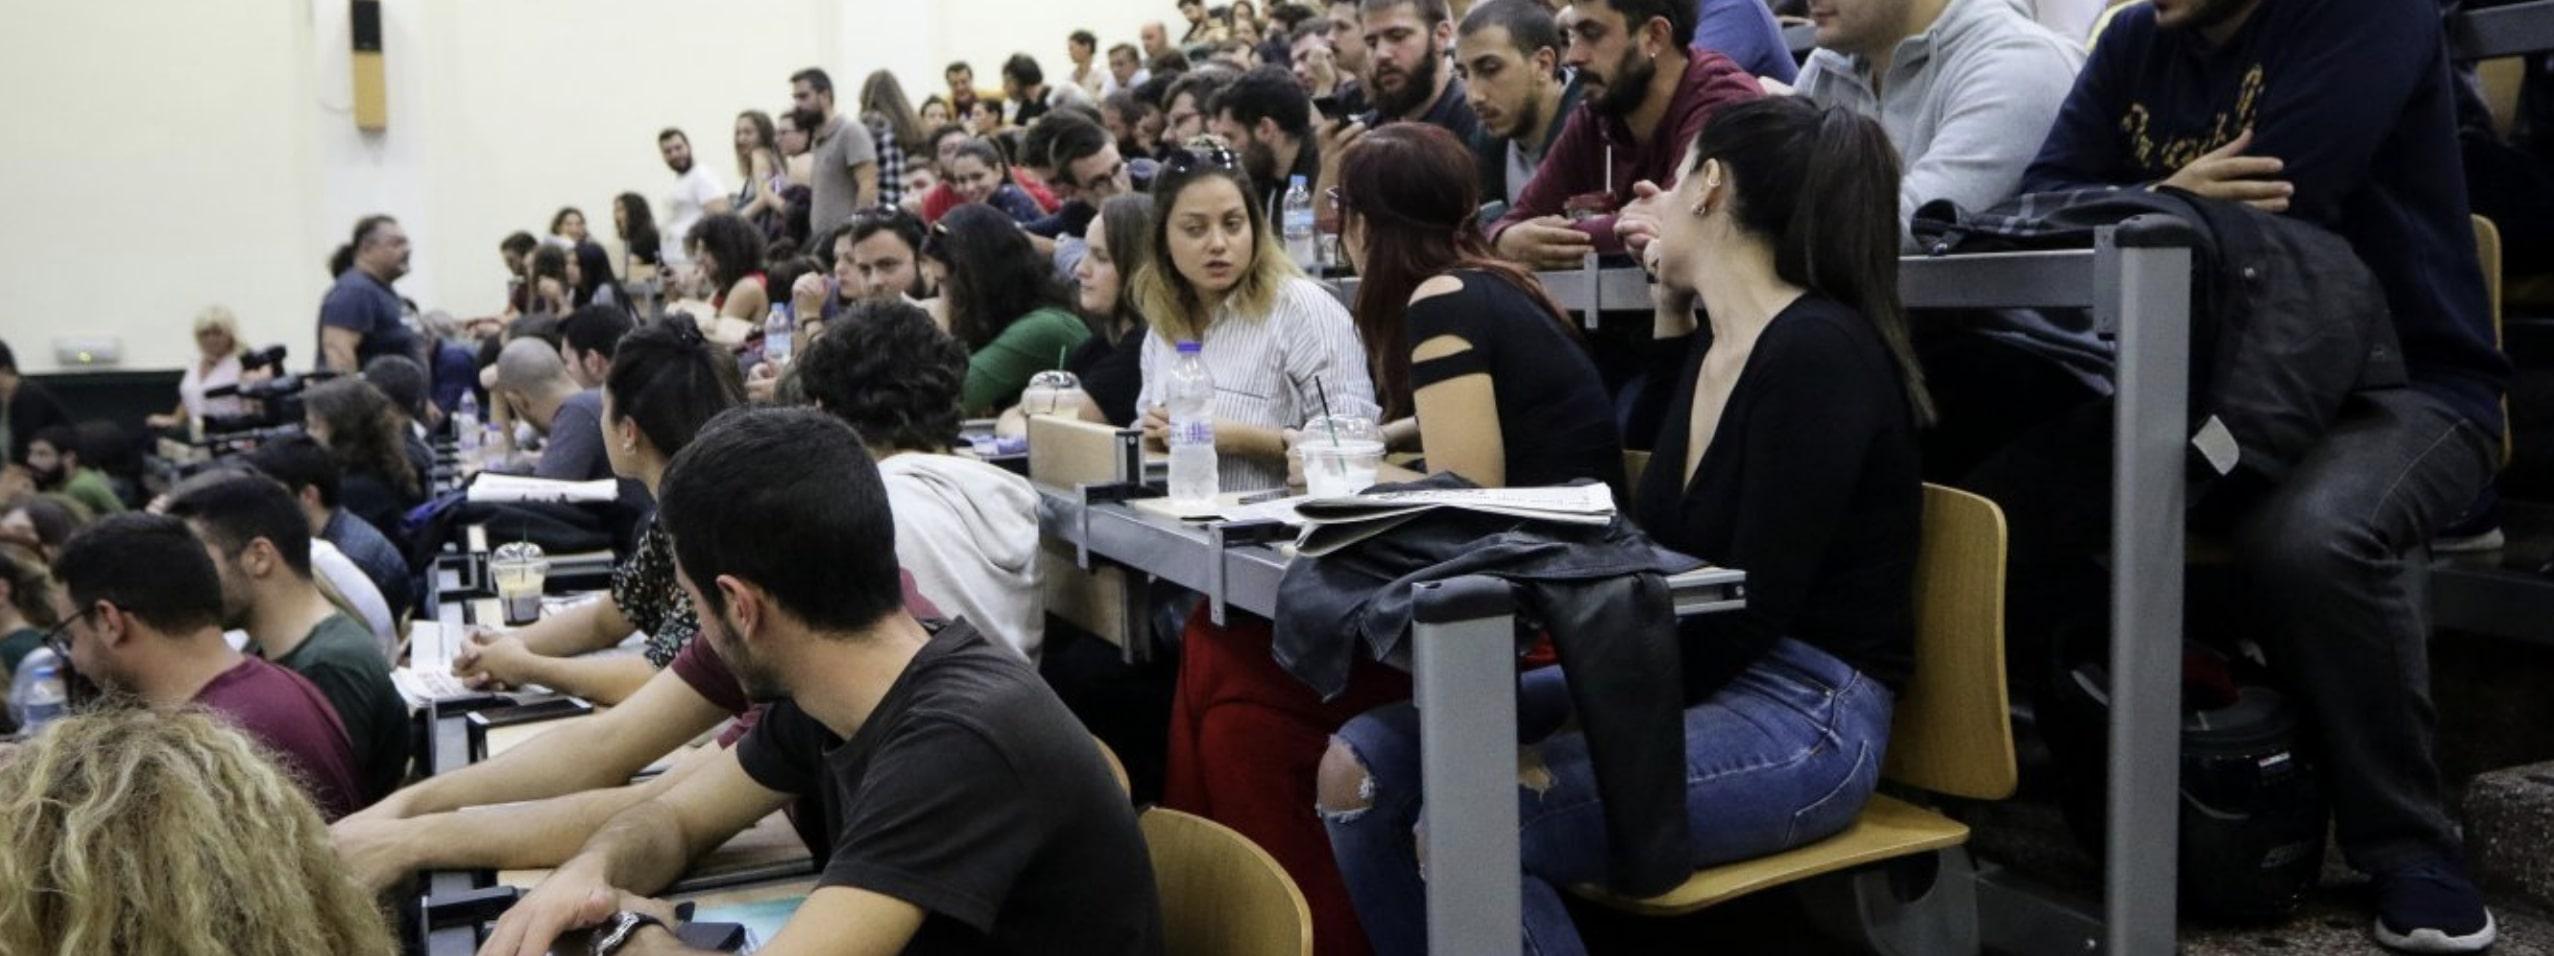 Νομοσχέδιο για την Παιδεία: Τι ορίζει για φοιτητές και Πανεπιστήμια – Κατατέθηκε προς ψήφιση στη Βουλή